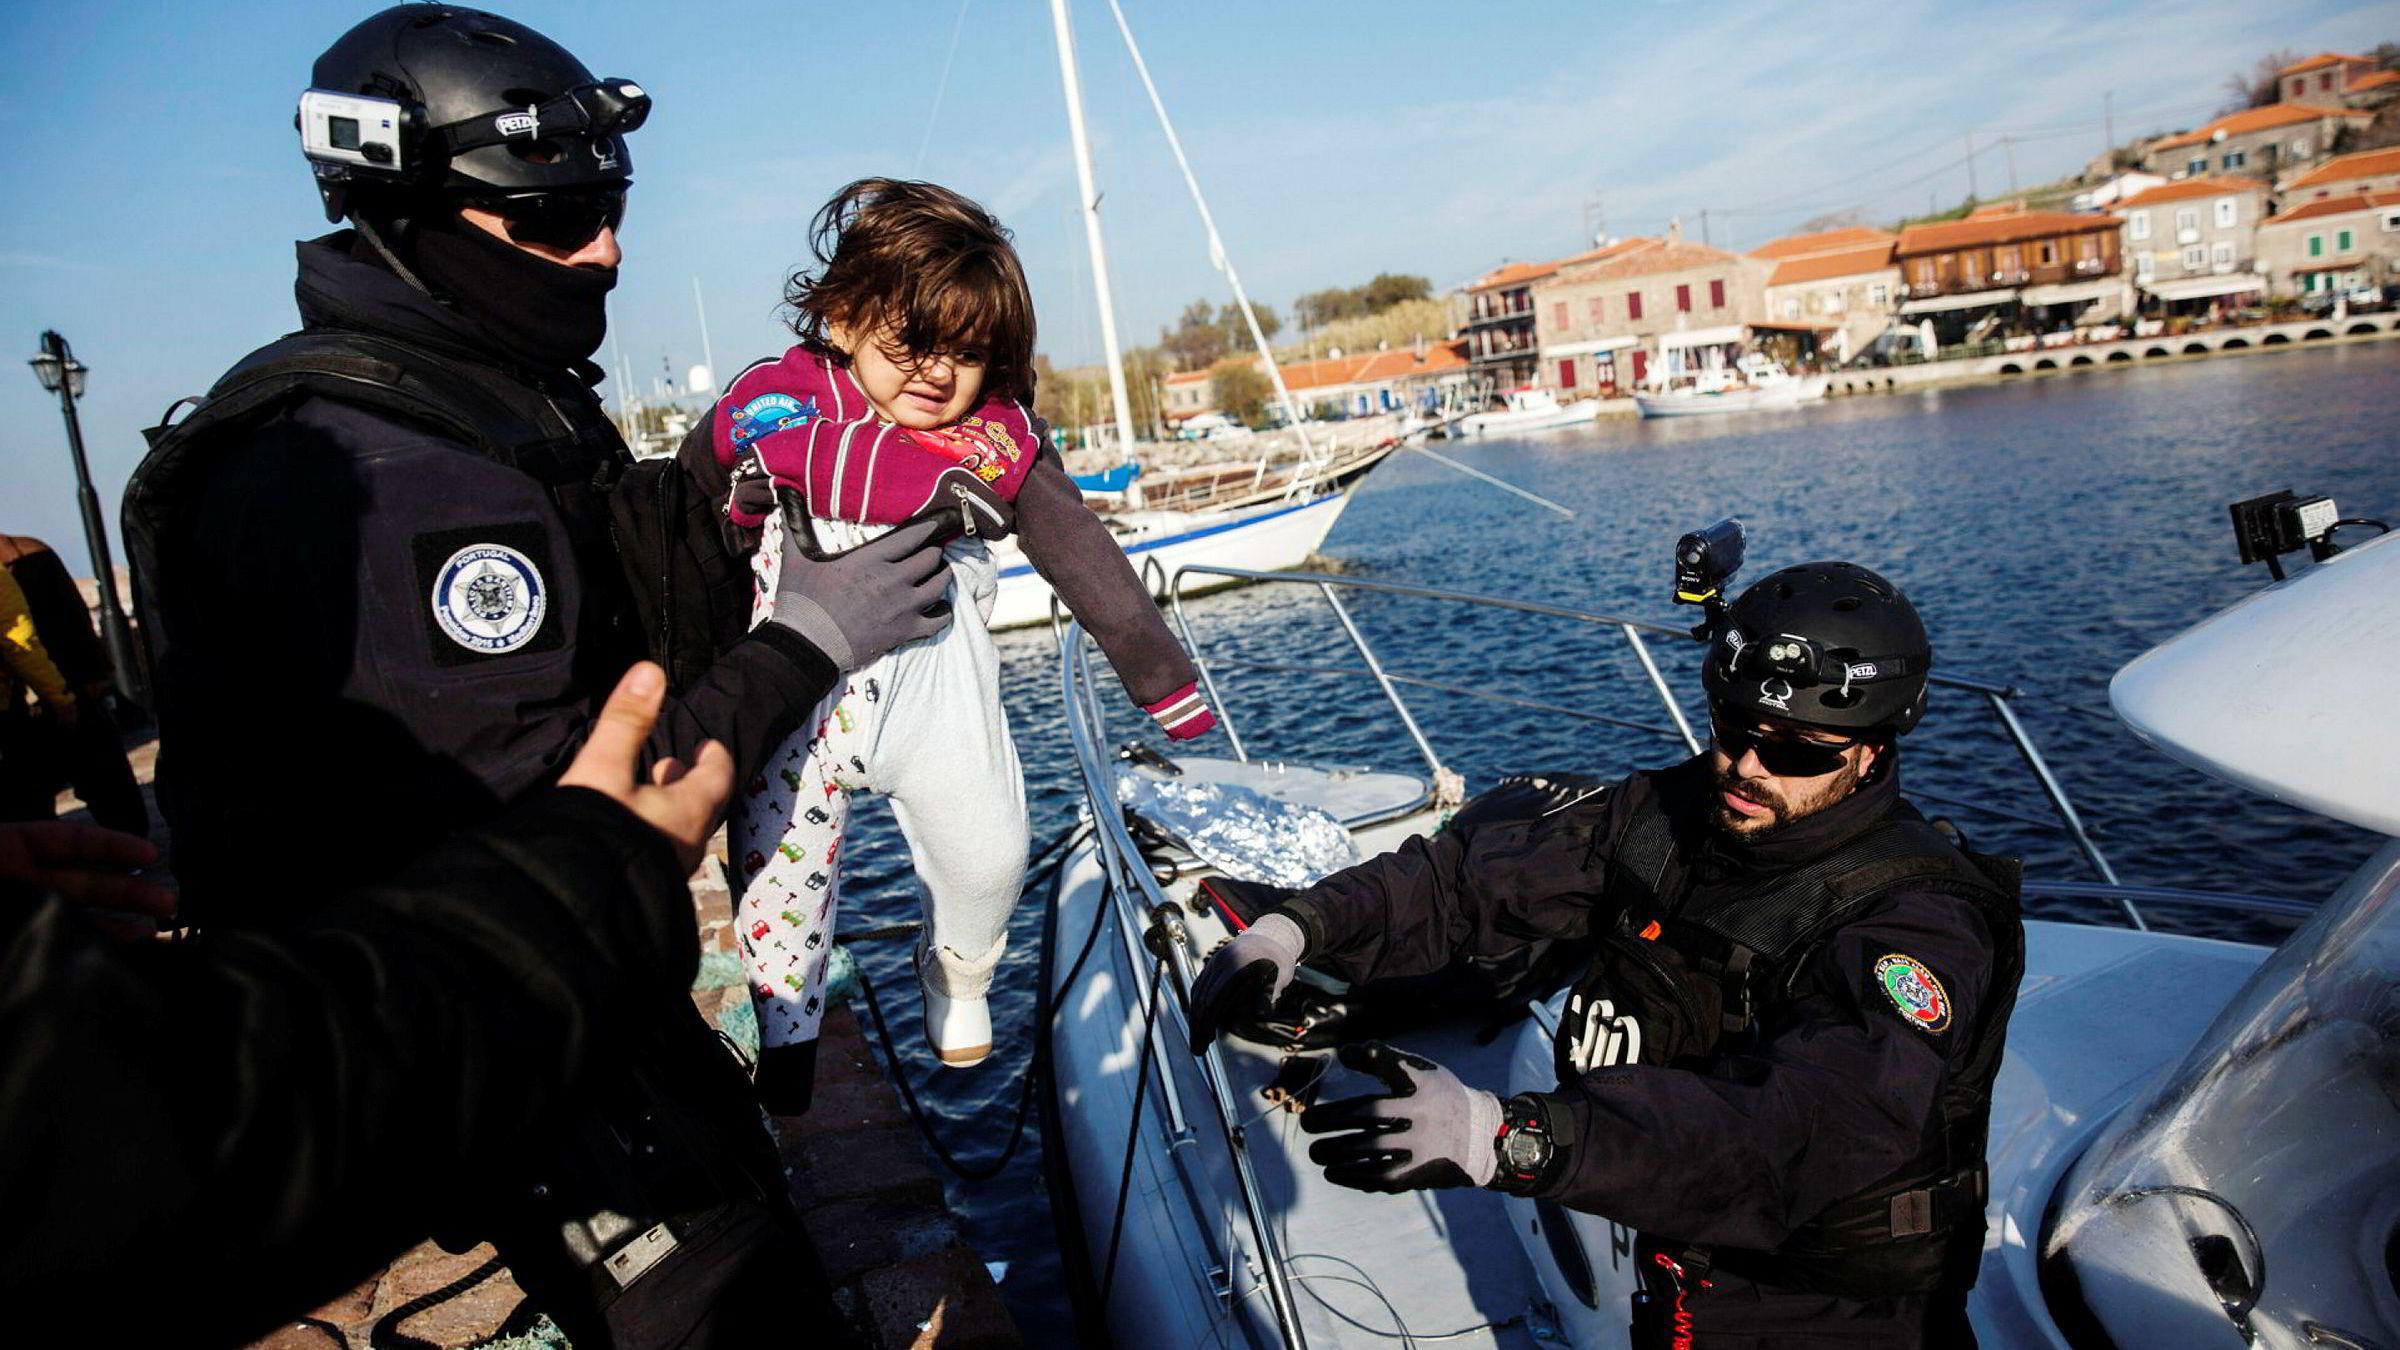 Europakommisjonen vil ha en kraftig økning i budsjettet til EUs grensevaktstyrke, Frontex. Her berger to soldater fra styrken i land et flyktningbarn etter en redningsoperasjon ved den greske øyen Lesbos.